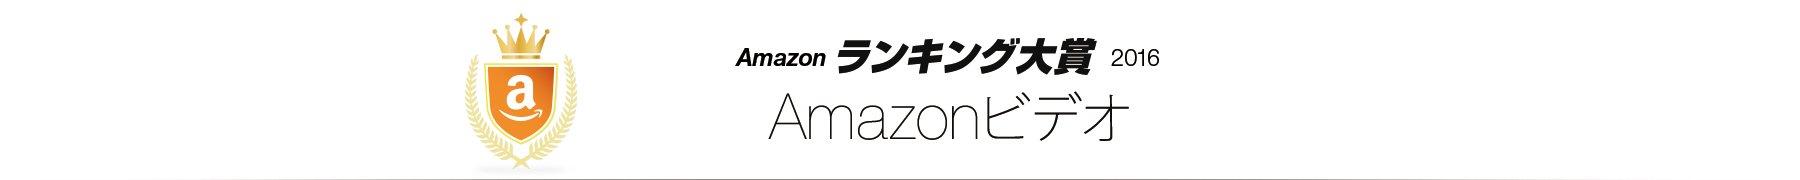 Amazonランキング大賞2016  Amazonビデオ(プライム・ビデオ、レンタル・購入)